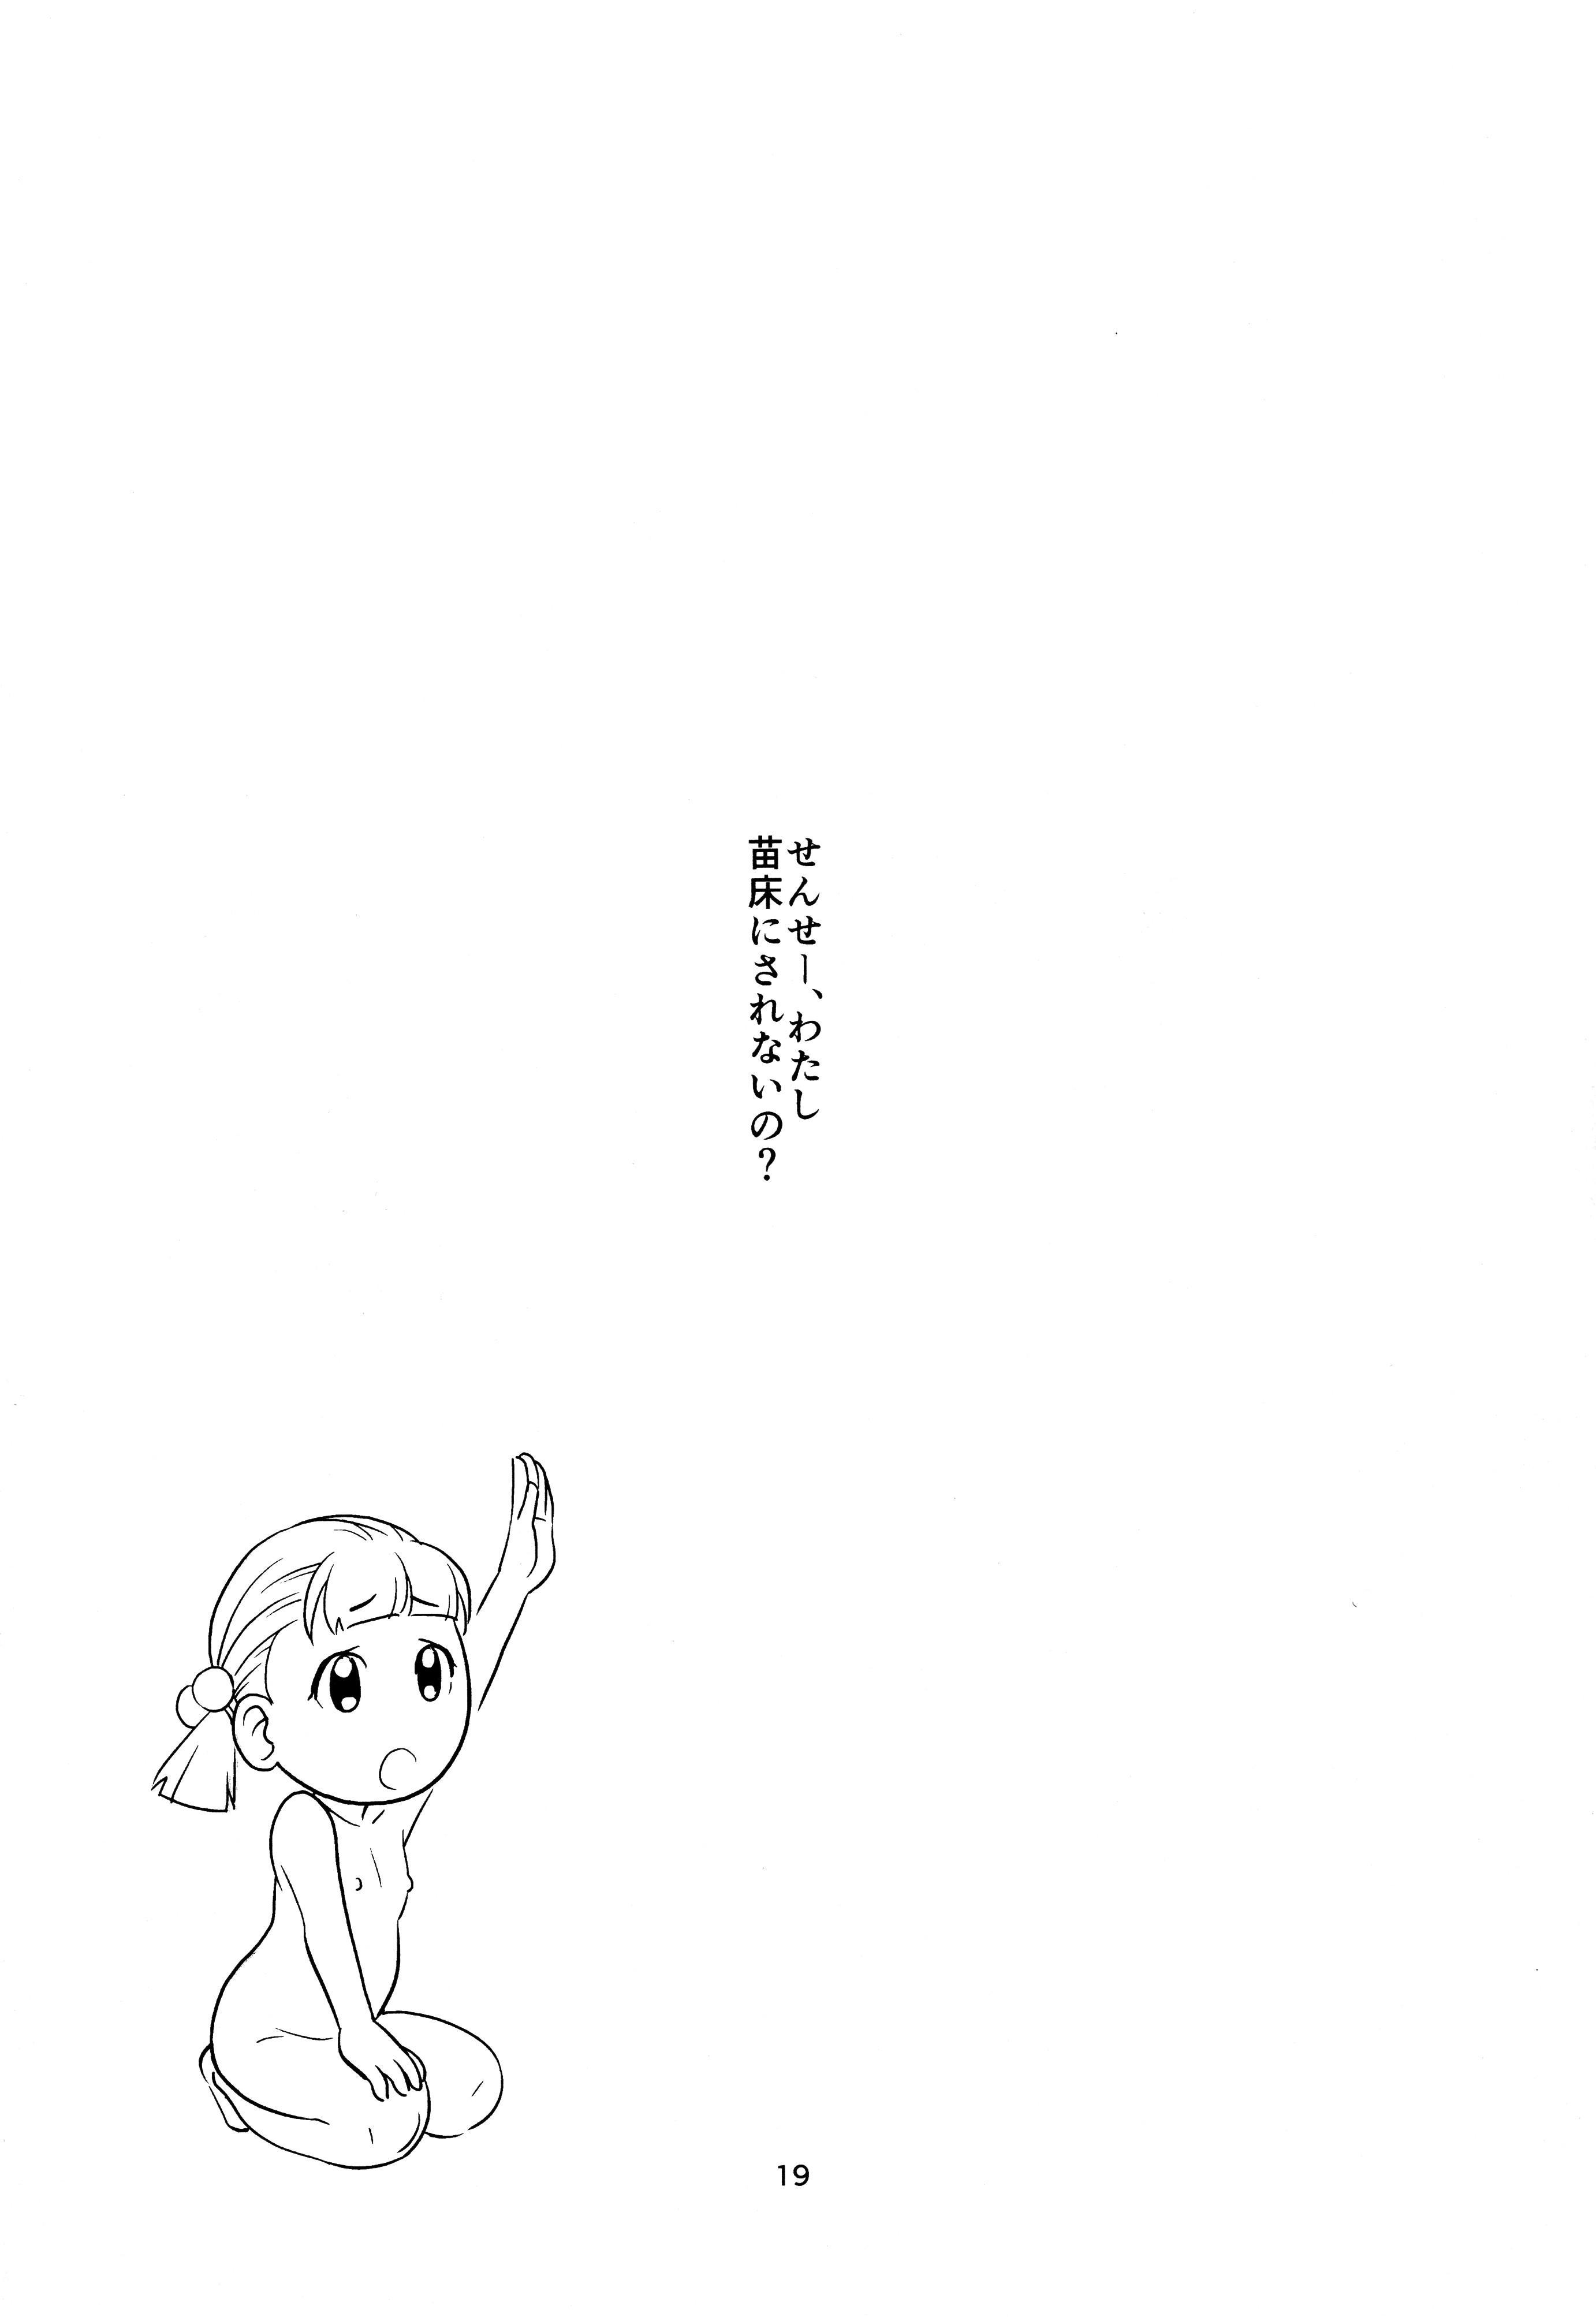 Shokushu Neechan ga Youjo o Ijiru Hanashi 19